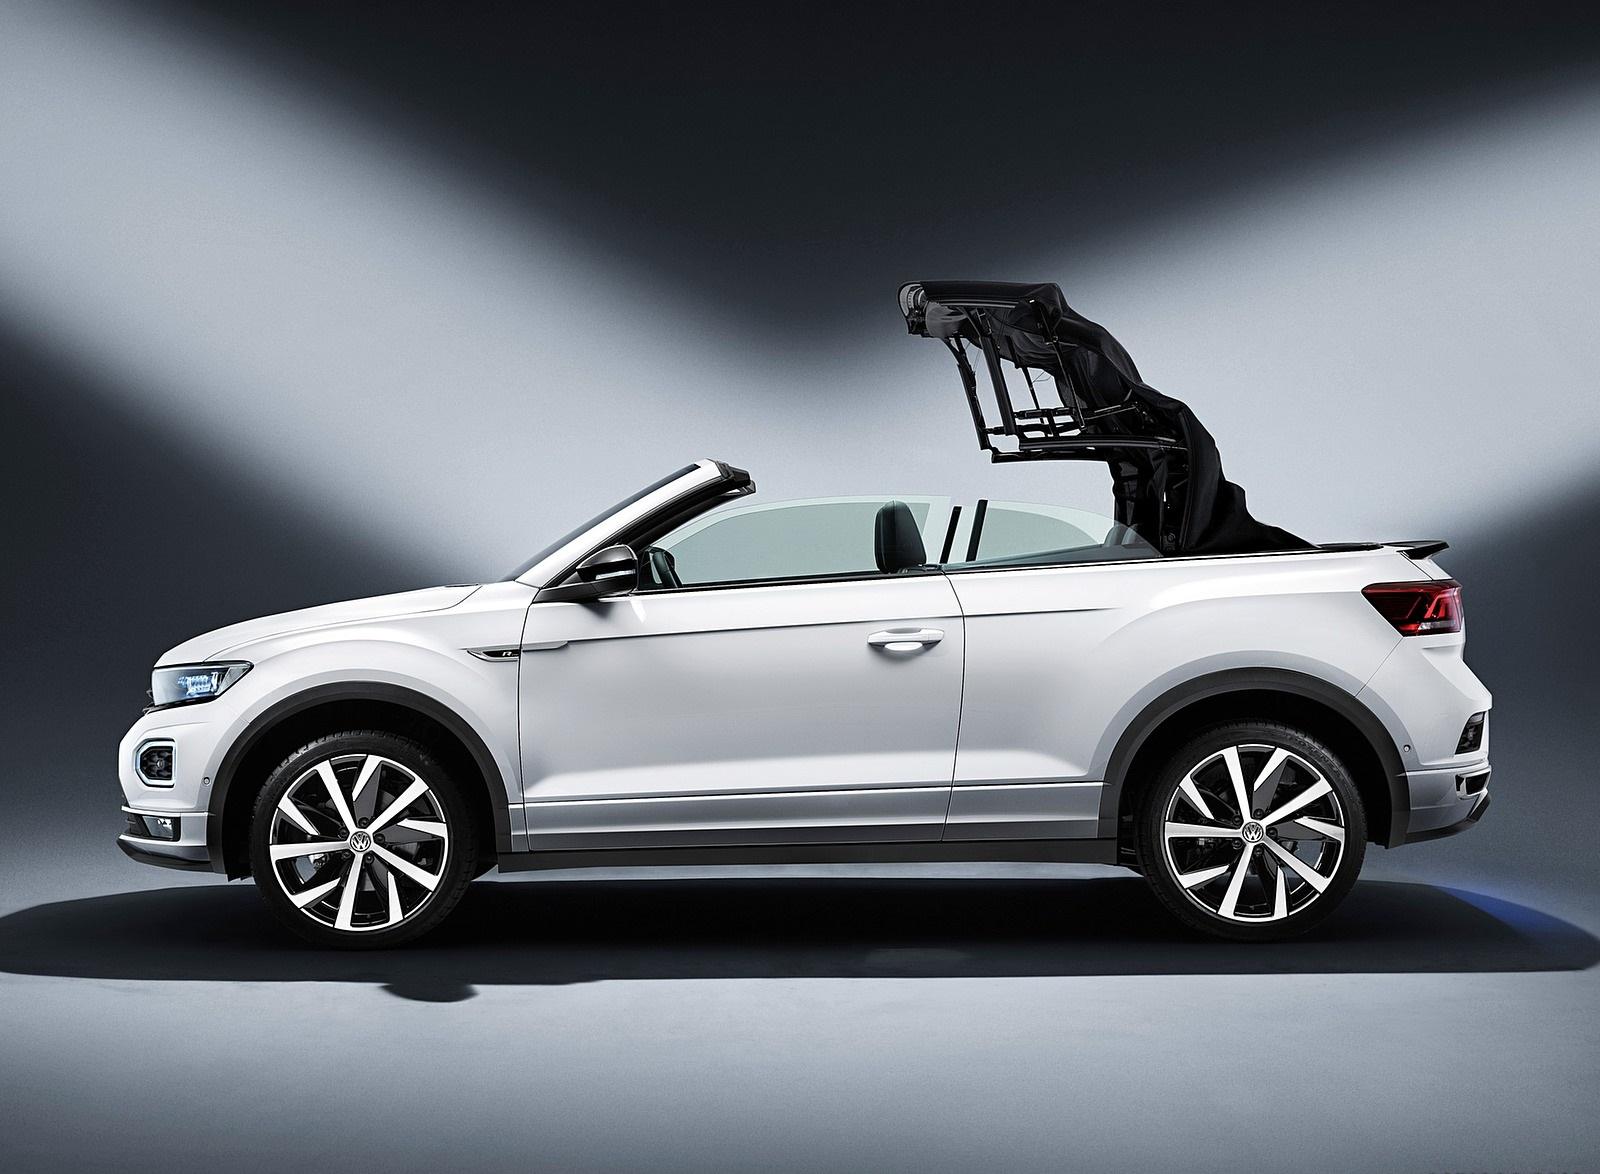 2020 Volkswagen T-Roc Cabriolet Side Wallpapers (13)